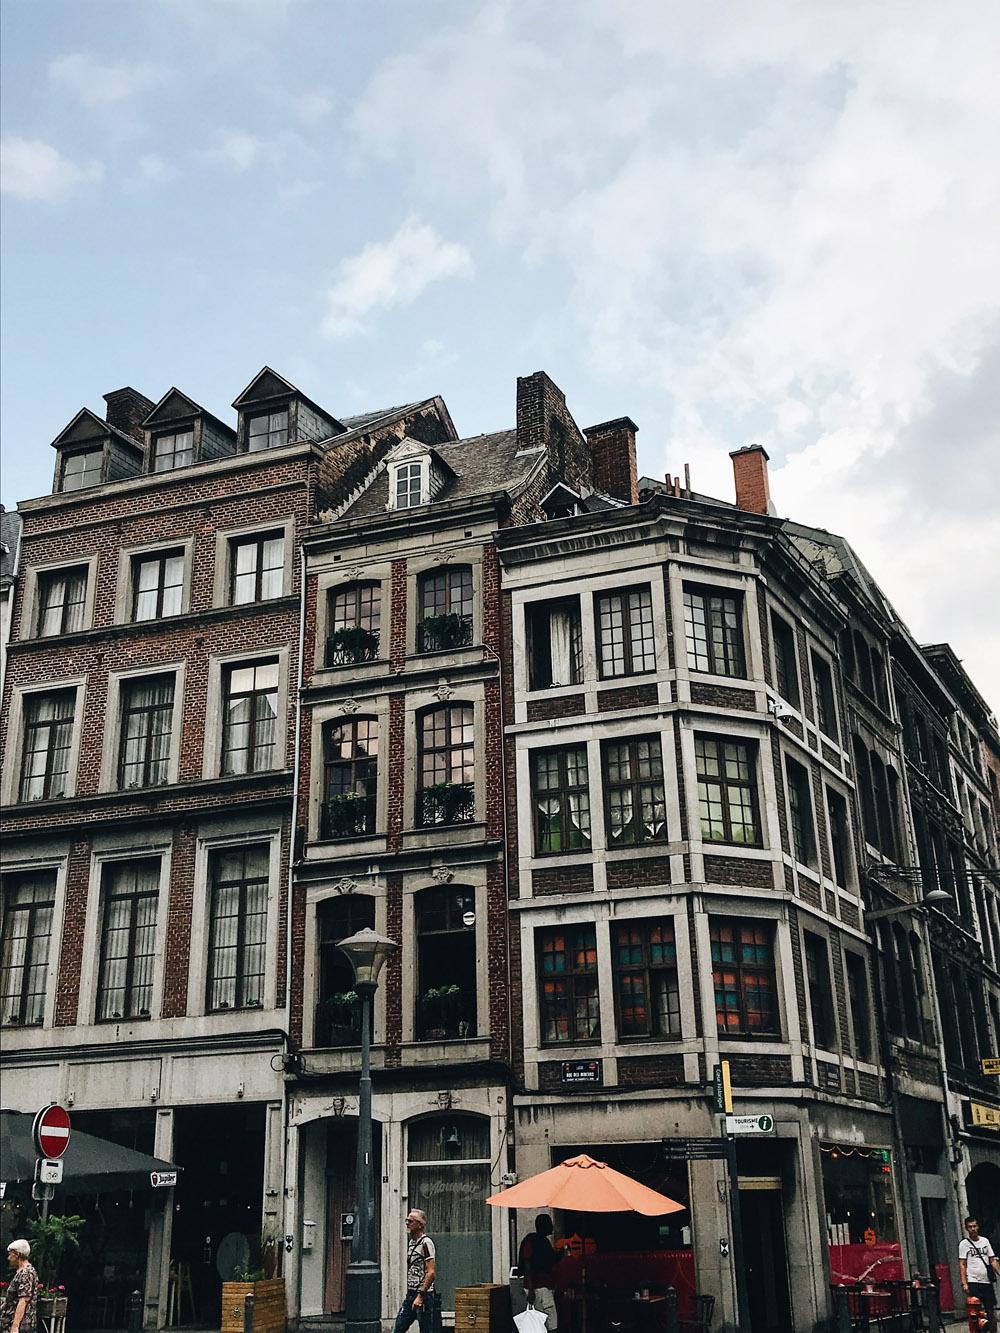 coucoubonheur_Travelblog_Luettich_Liège